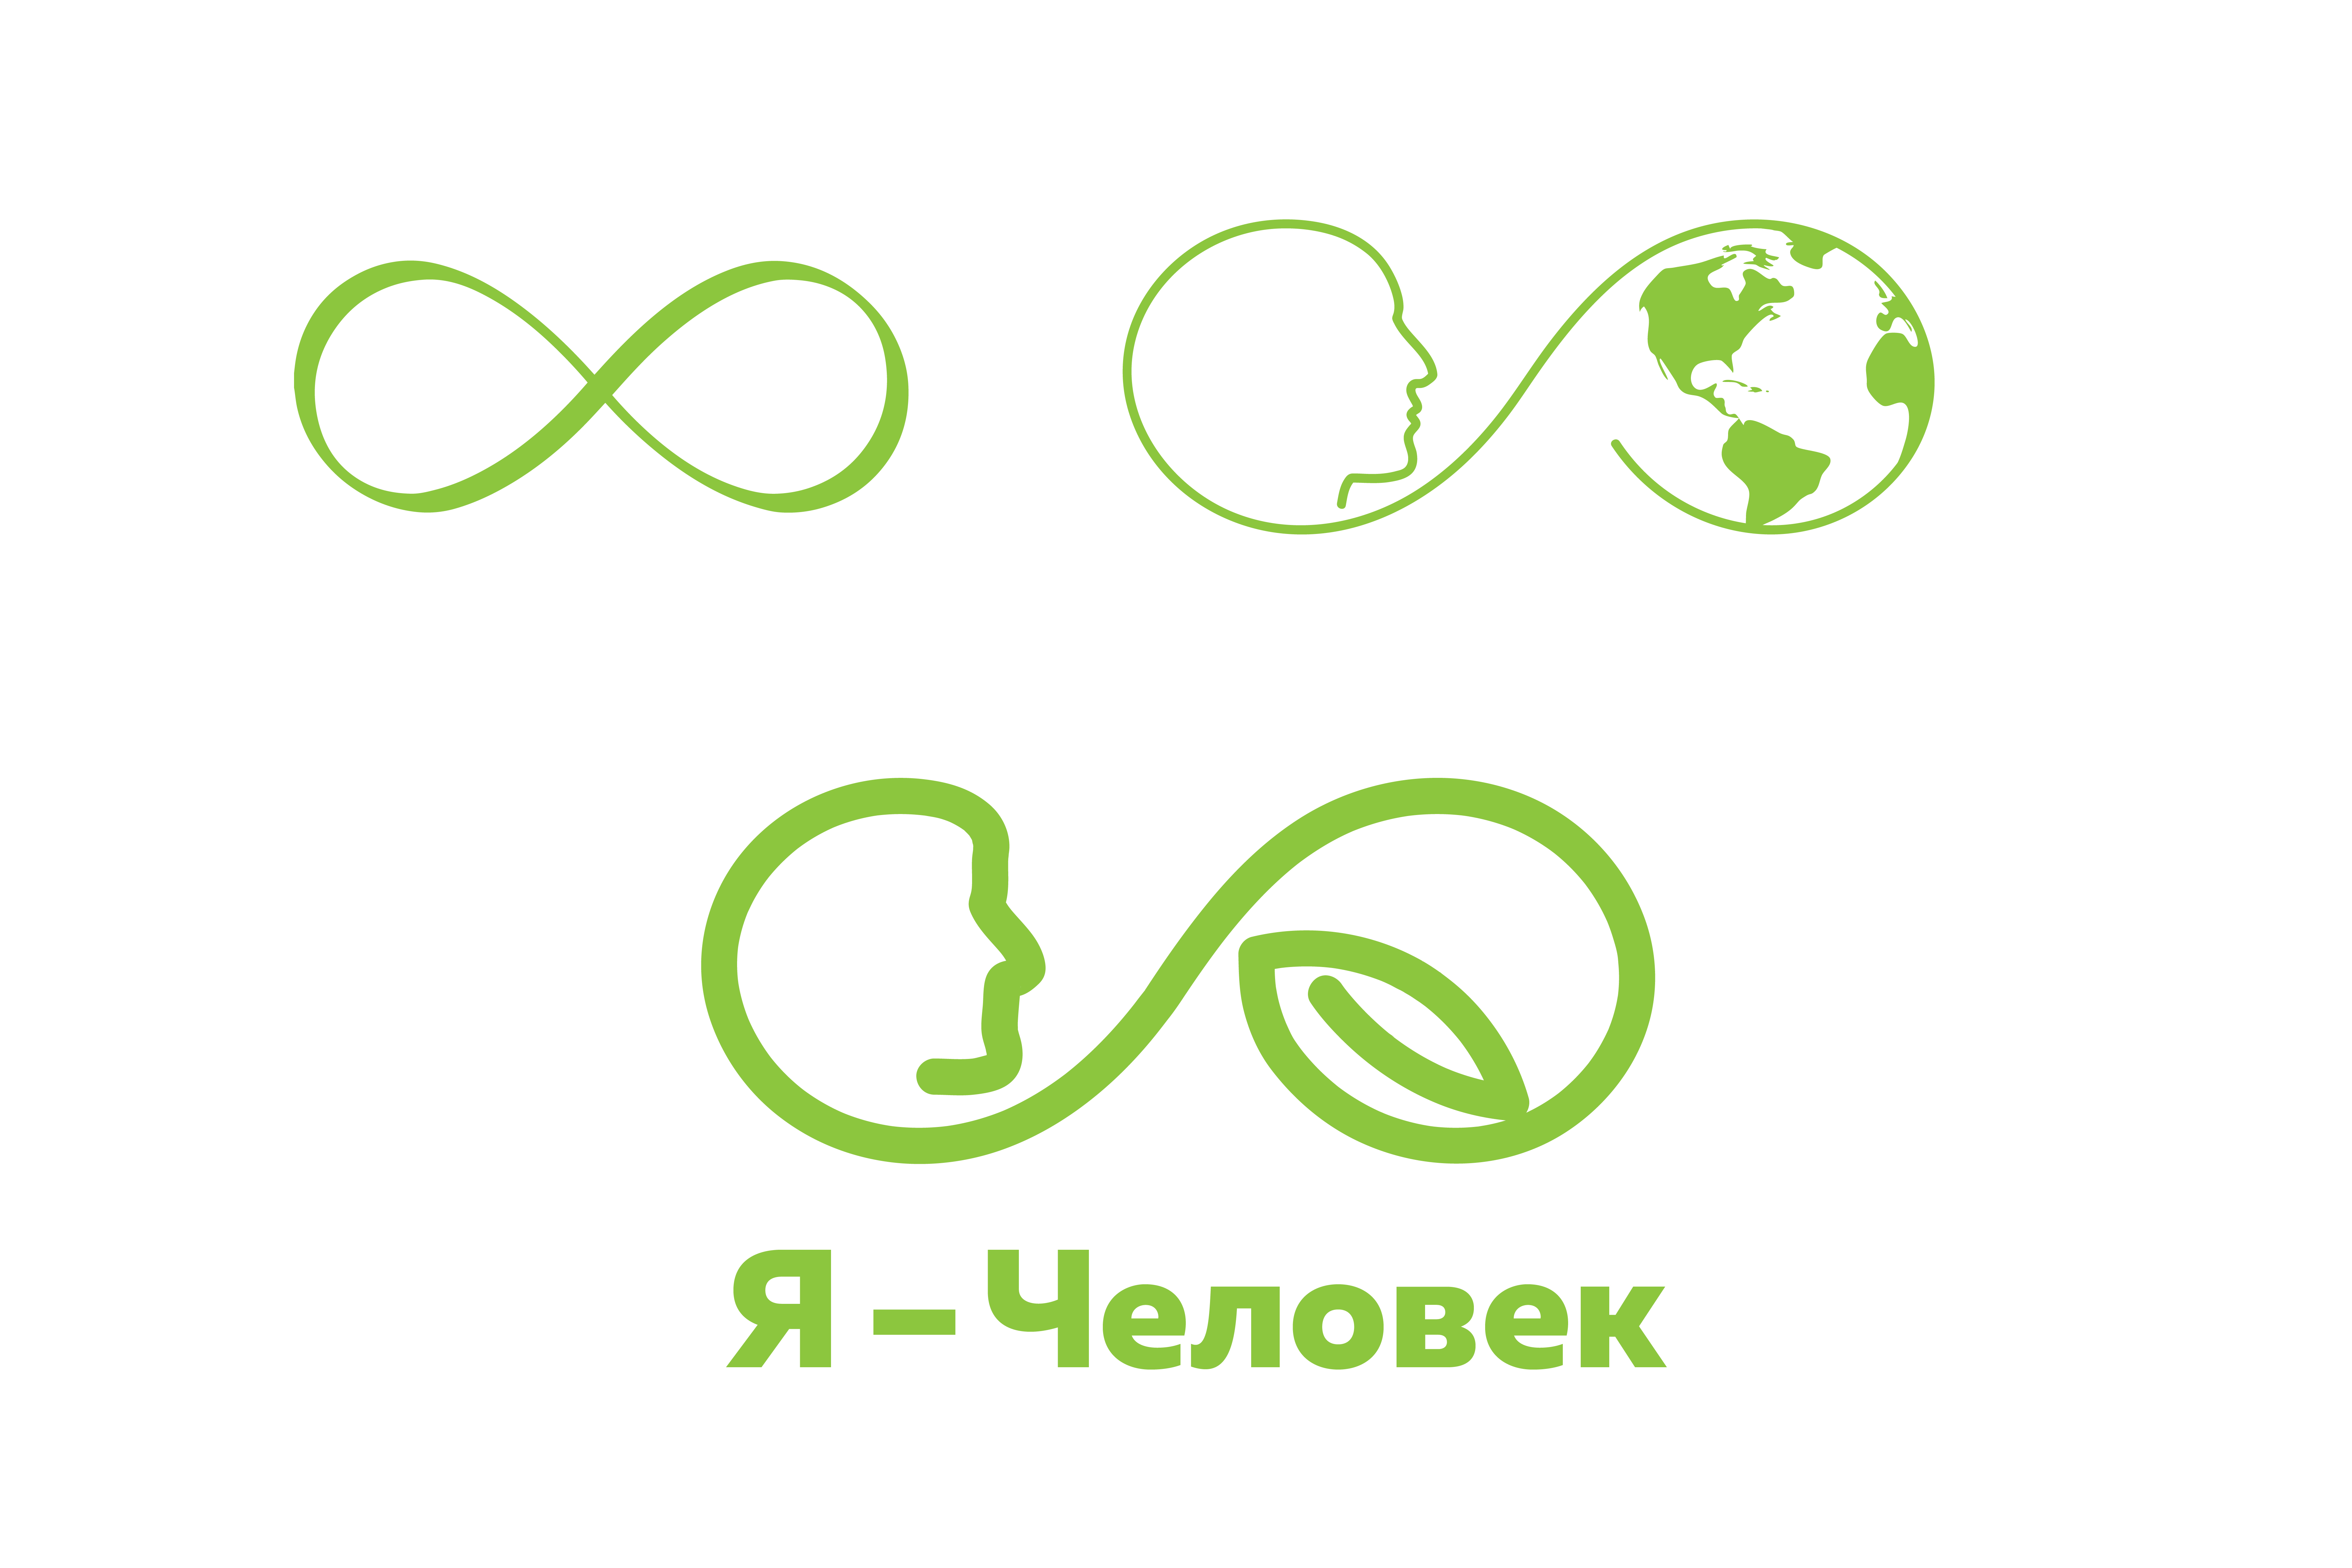 Конкурс на создание логотипа фото f_6335d25f2f3a37b2.jpg